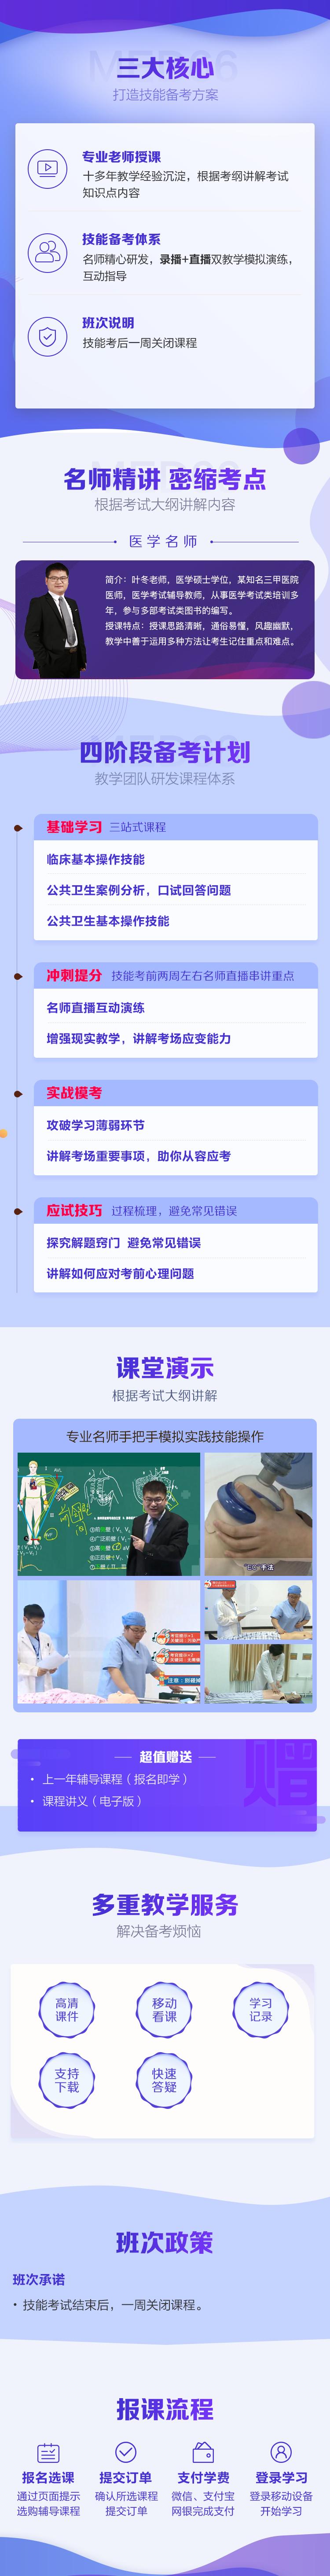 医学教育网公卫执业医师技能特色班